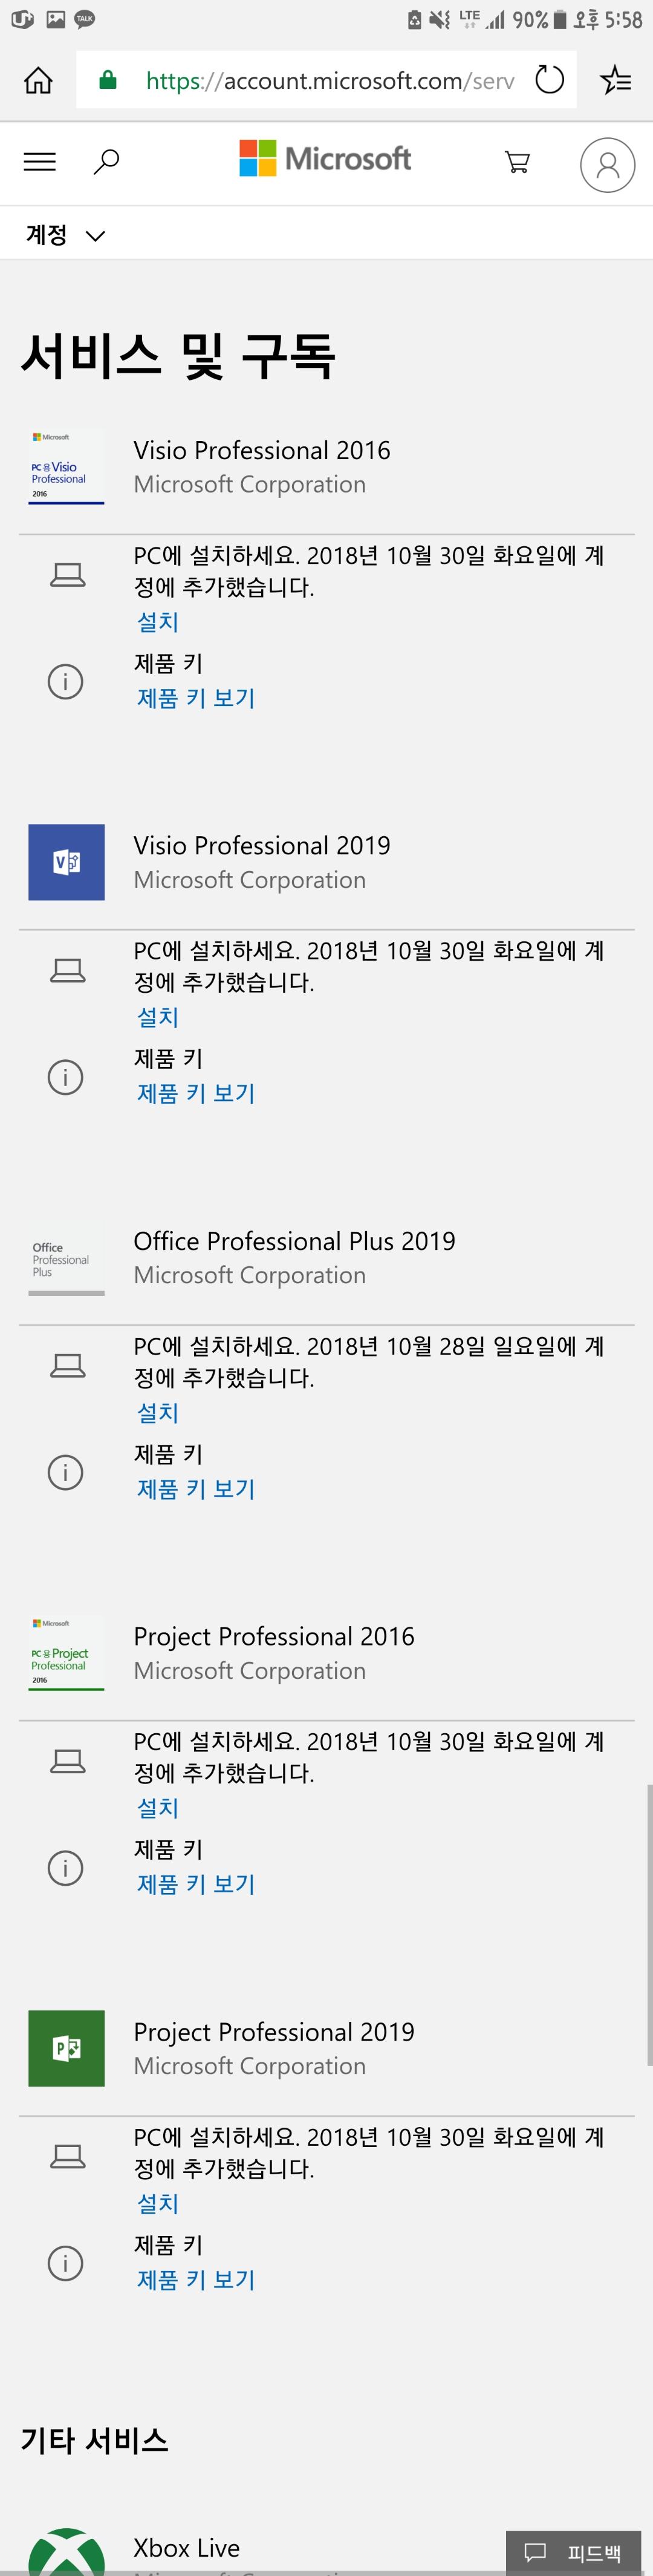 Screenshot_20181031-175840.jpg